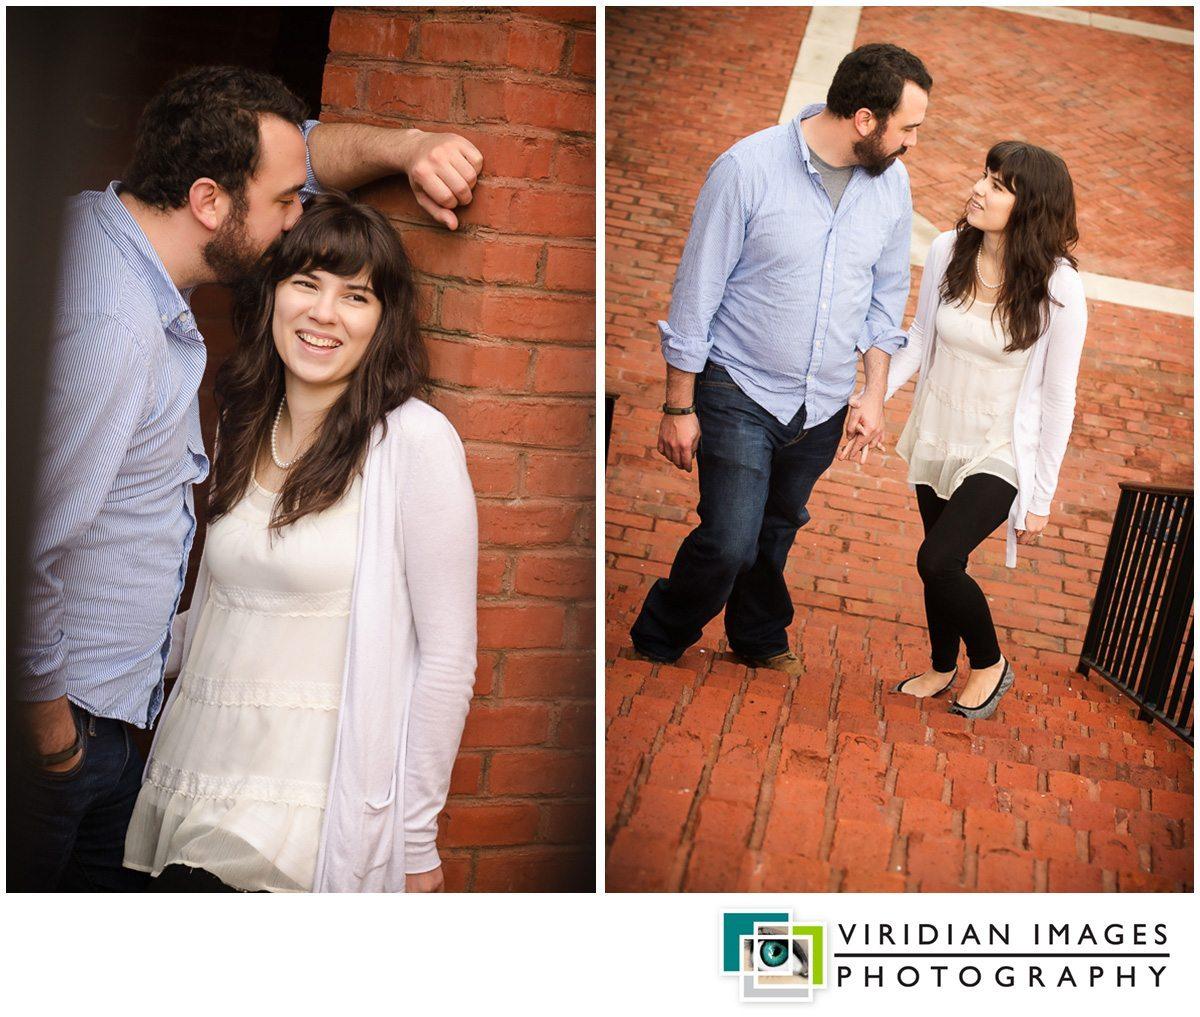 Vinings_engagement_I_J_ViridianImages_photo_4